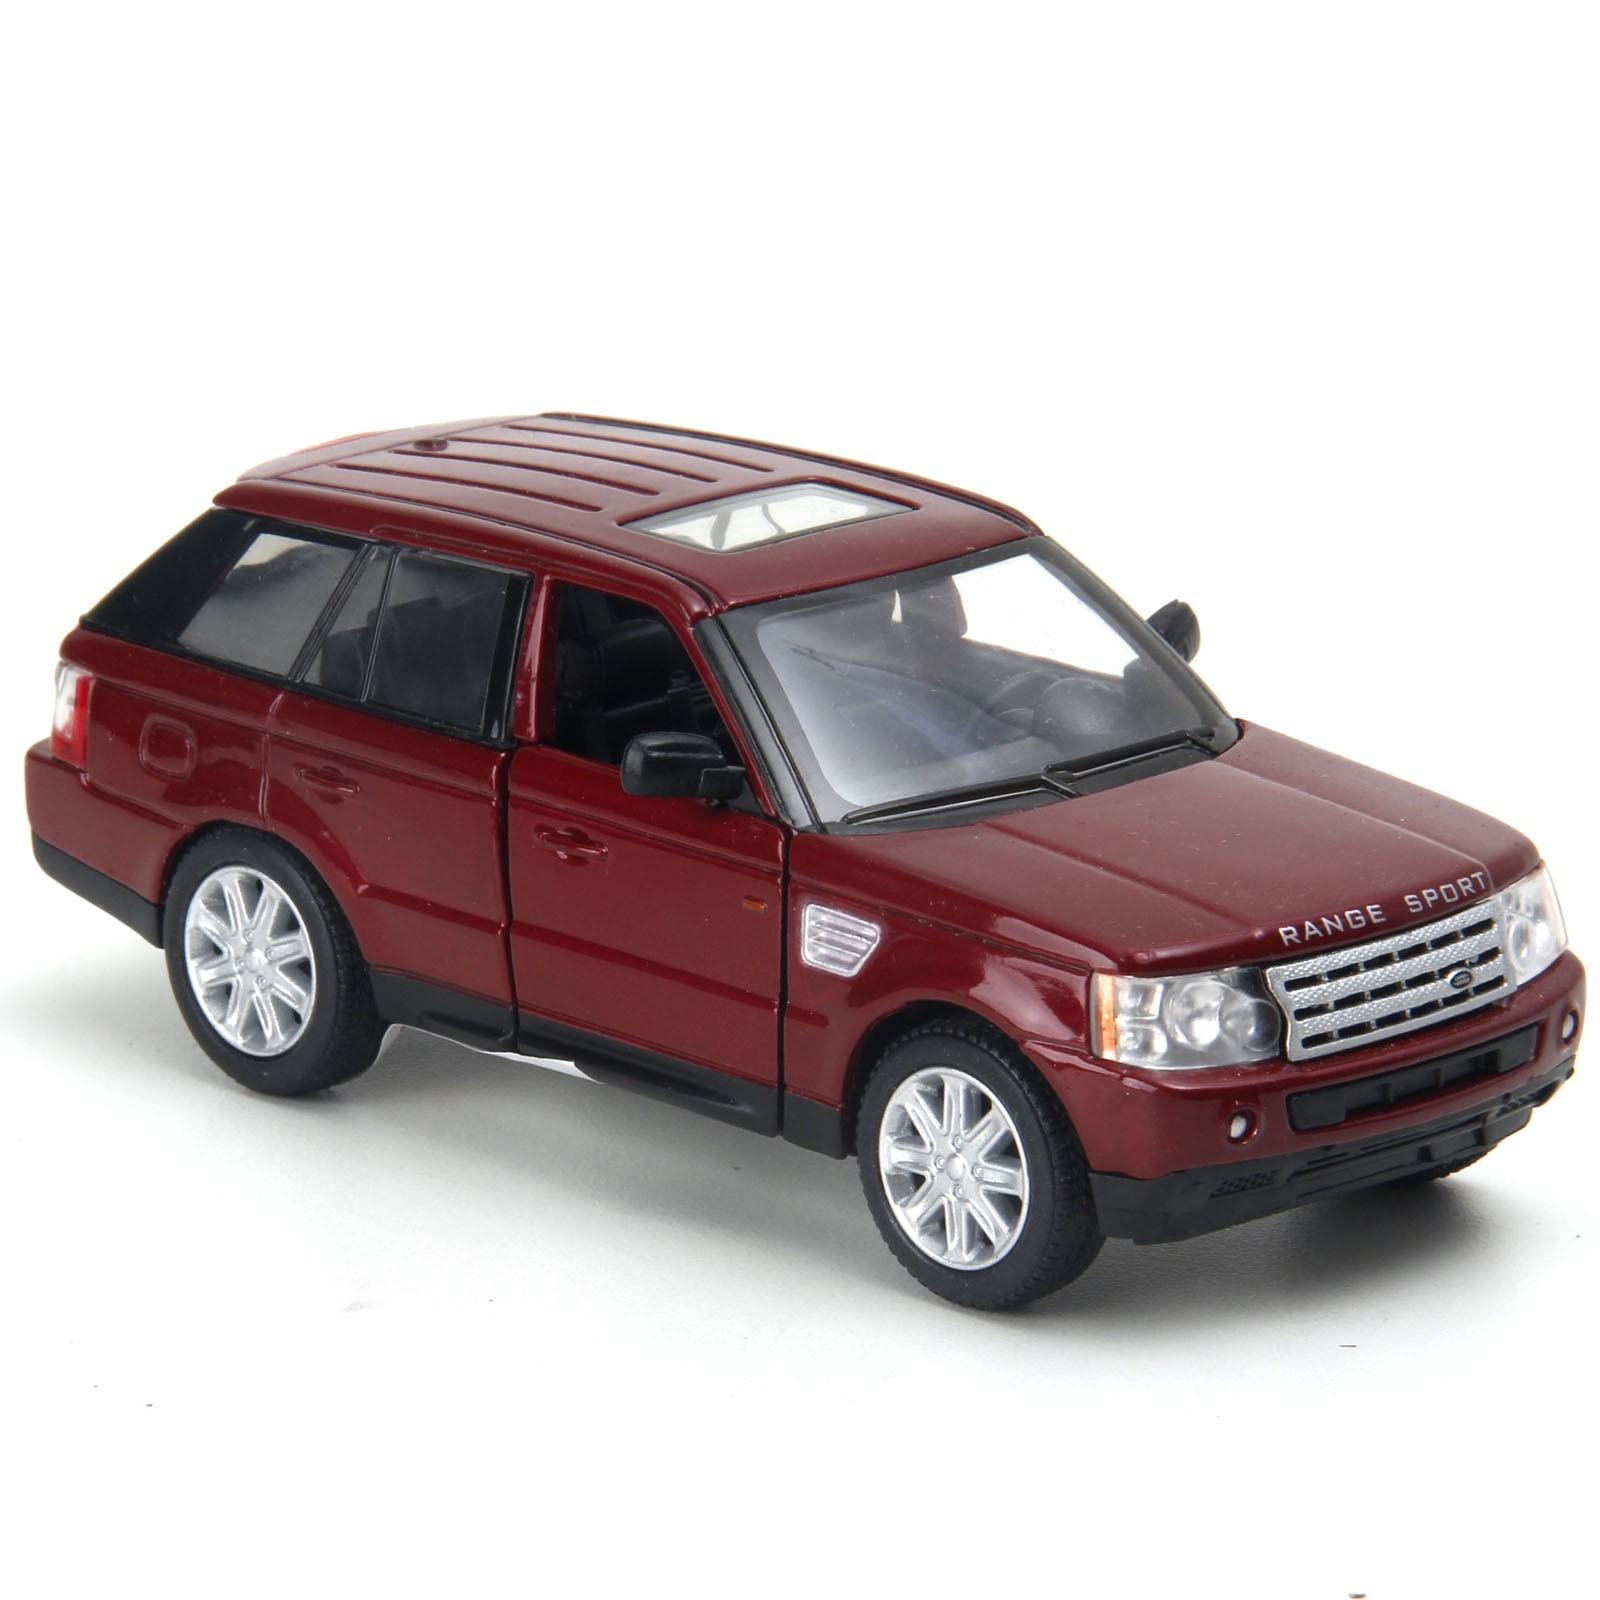 Miniatura em Metal - 1:32 - Range Rover Sport - Vinho